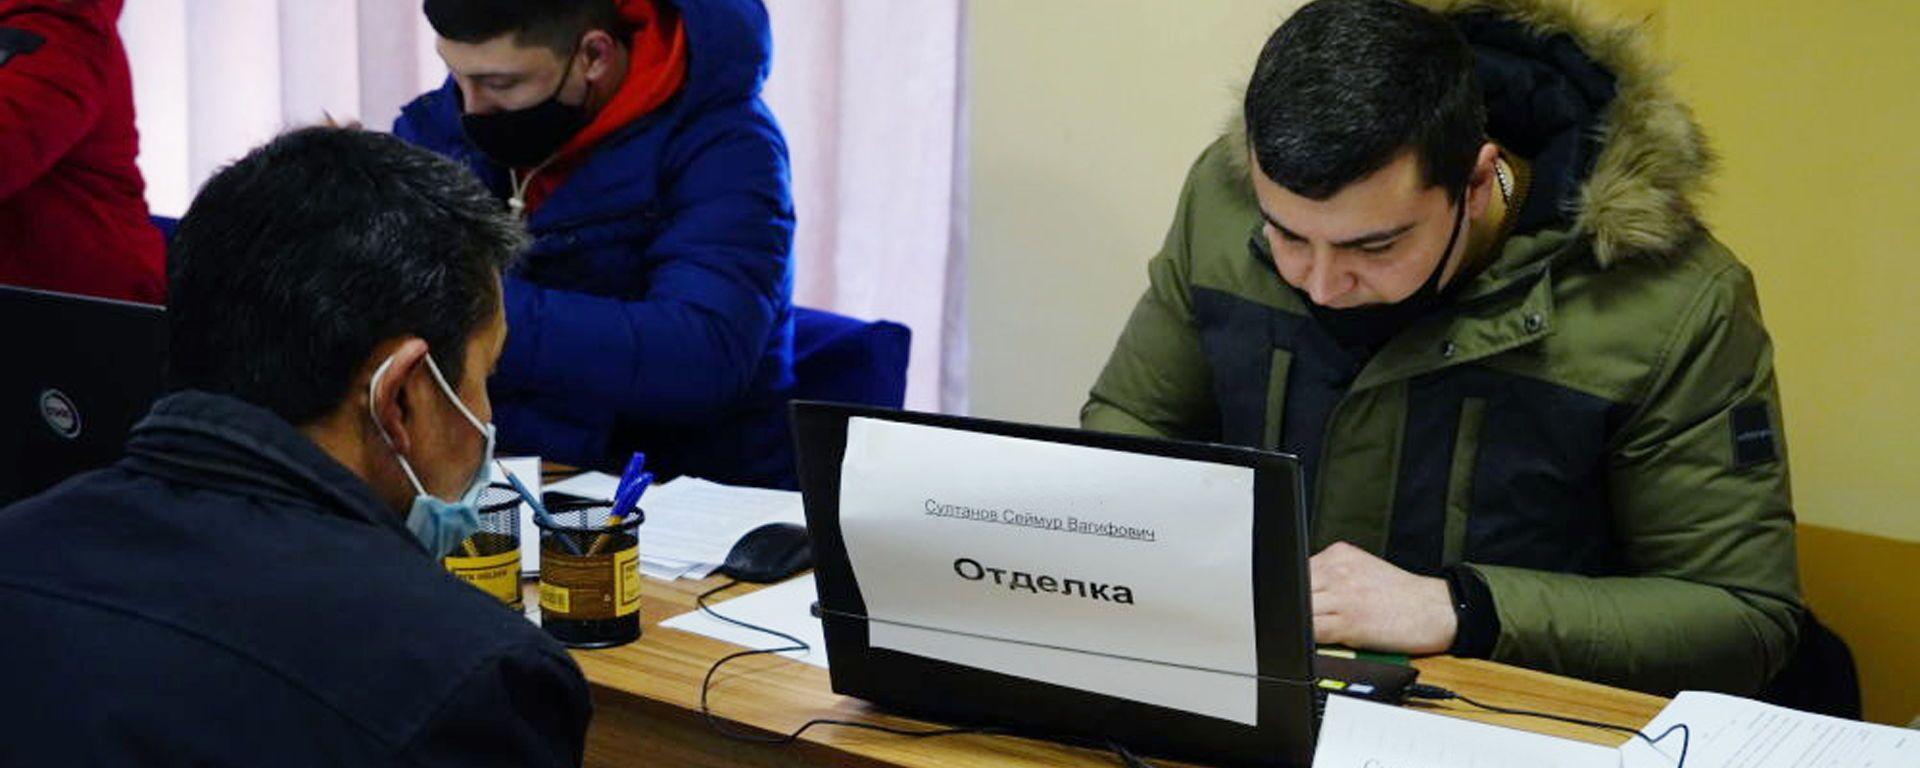 От желающих нет отбоя: строители из Самарканда прошли отбор на работу в РФ - Sputnik Узбекистан, 1920, 01.02.2021